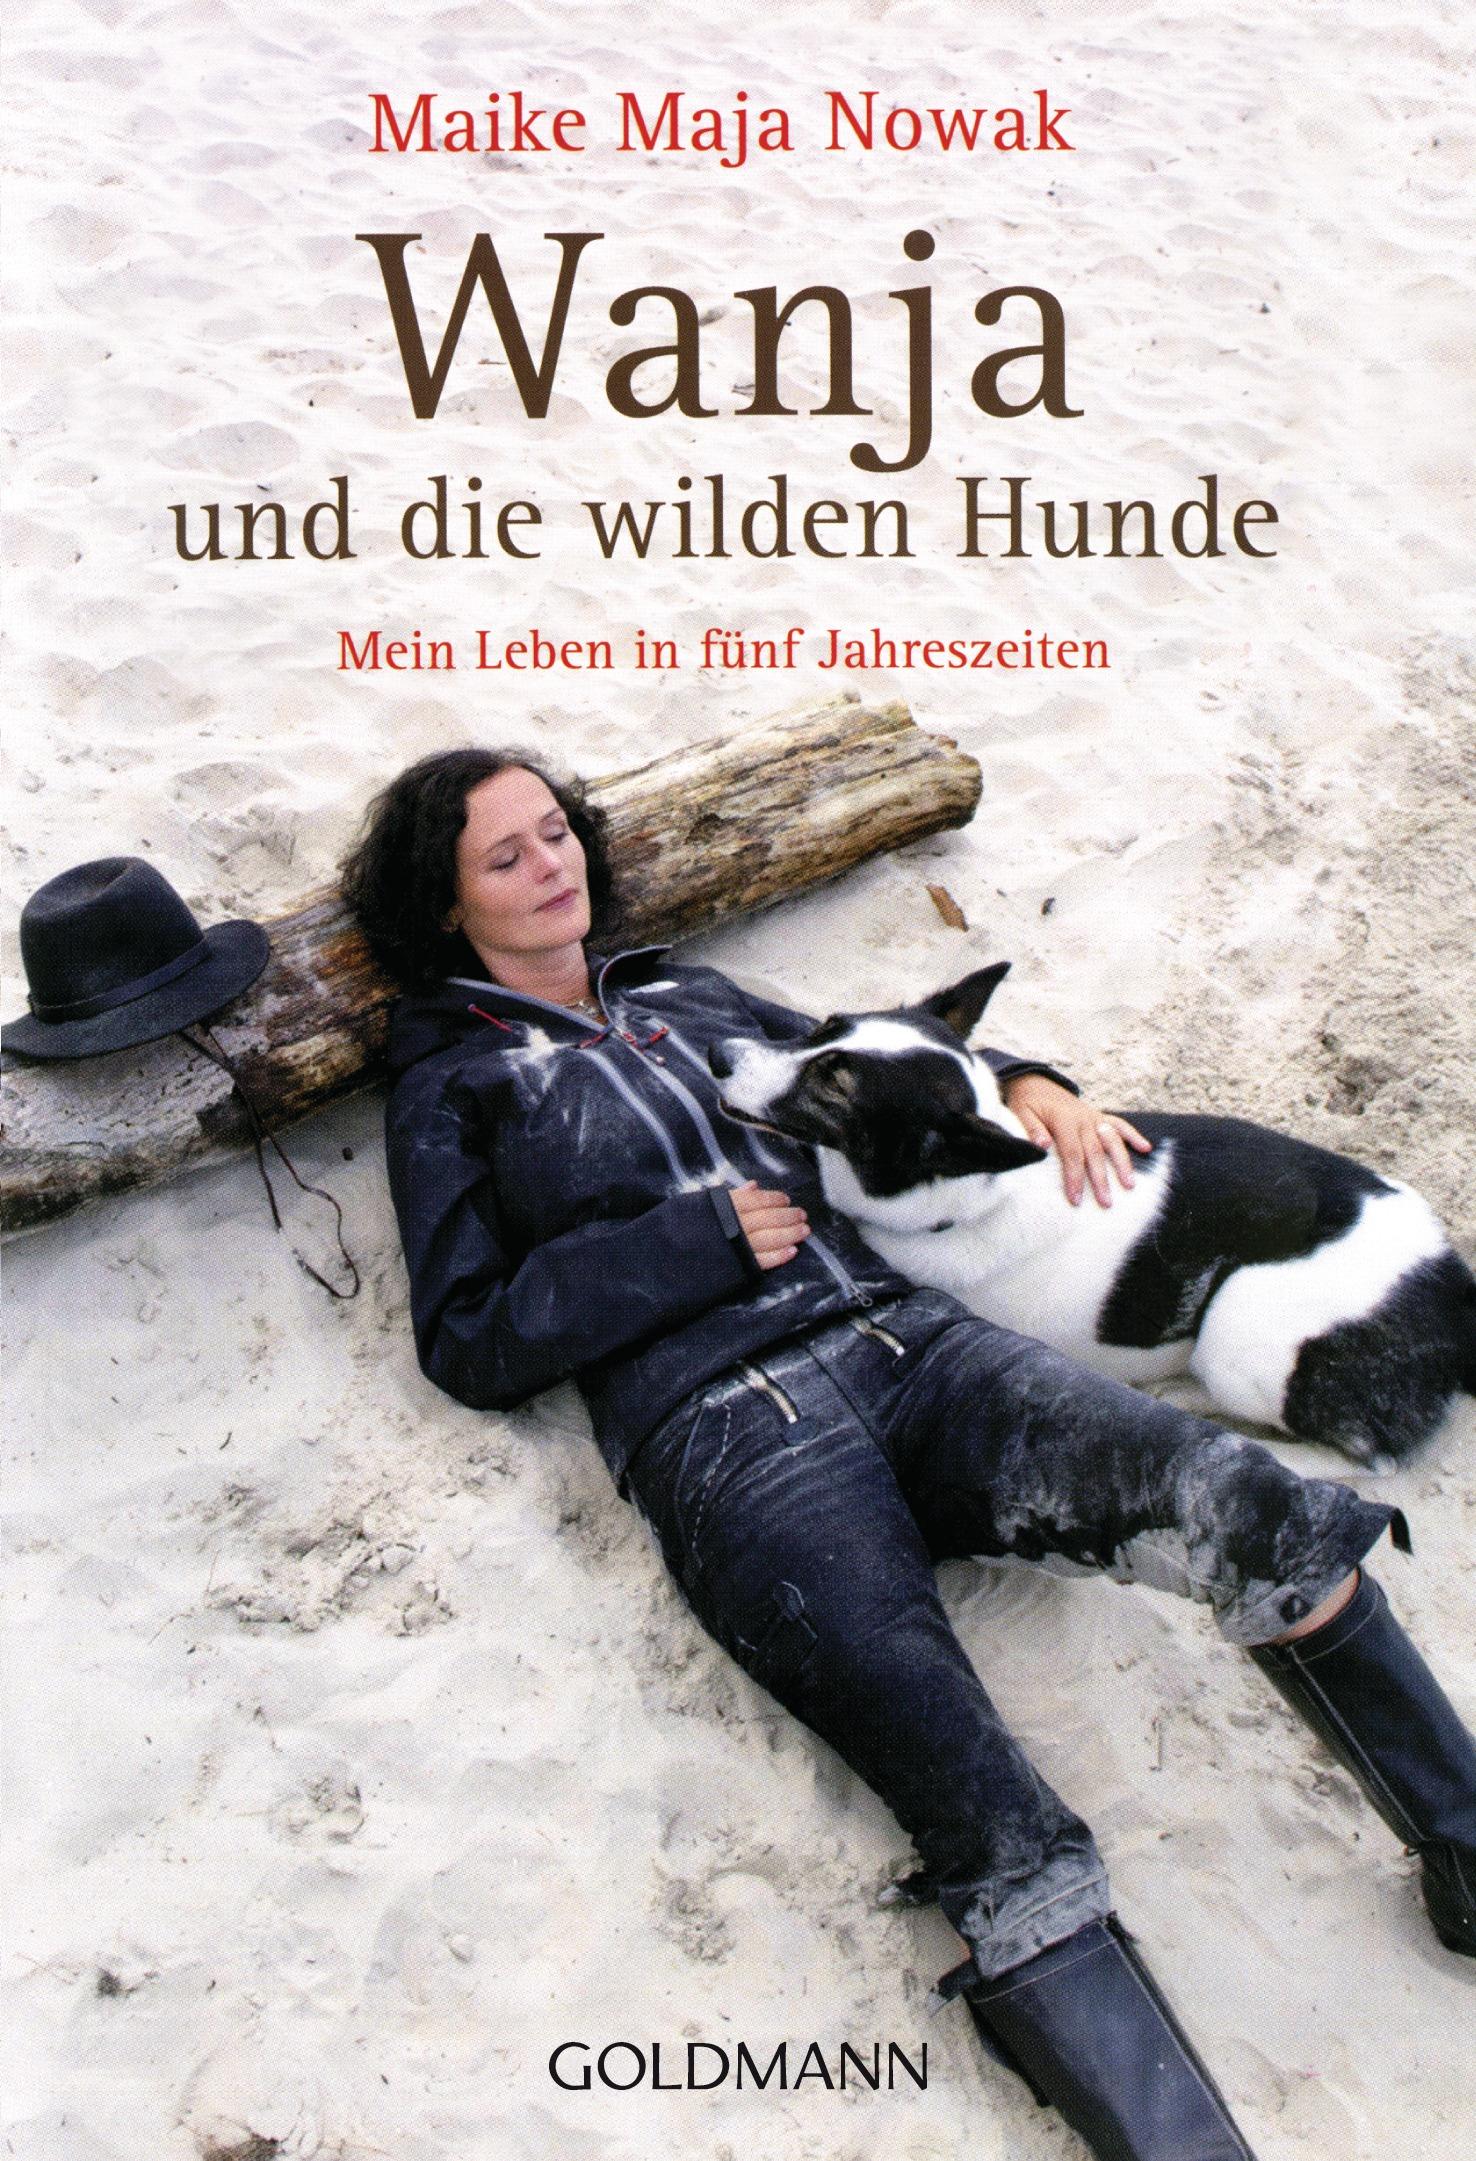 Wanja und die wilden Hunde: Mein Leben in fünf Jahreszeiten - Maike Maja Nowak